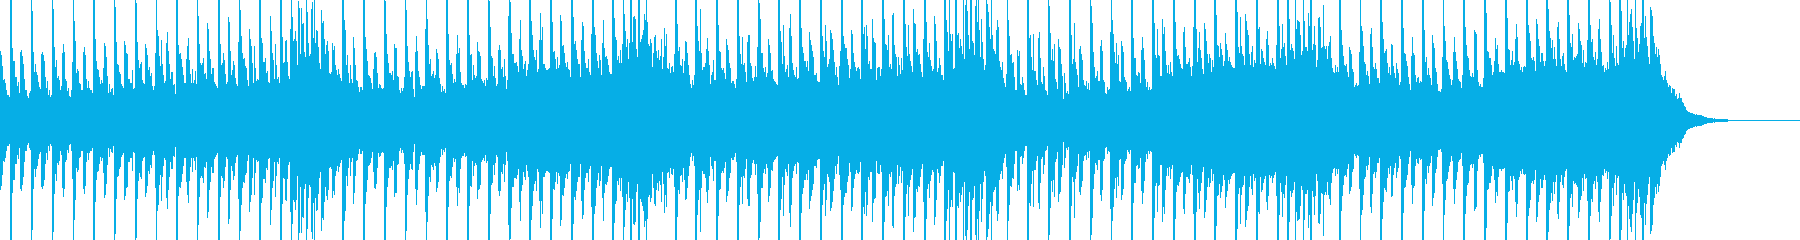 接戦や緊迫感をイメージしたテクノの再生済みの波形